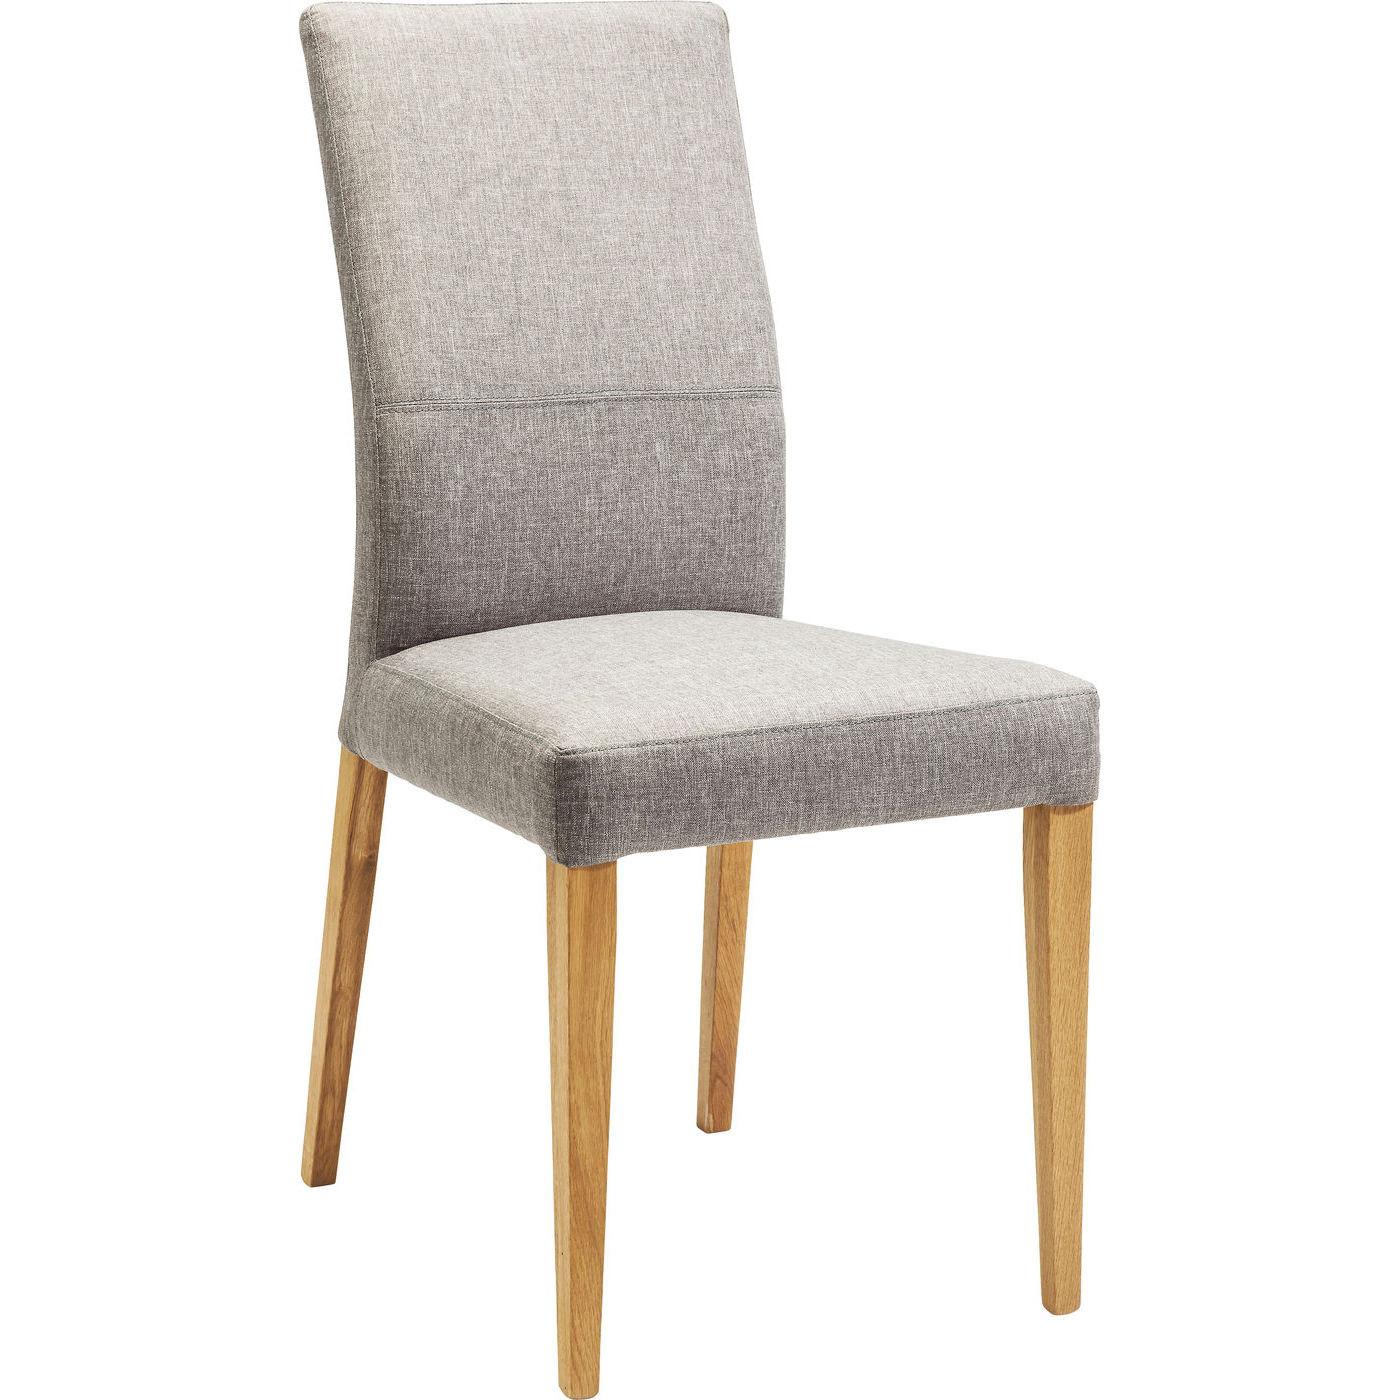 stuhl mara grey kare design mutoni m bel. Black Bedroom Furniture Sets. Home Design Ideas